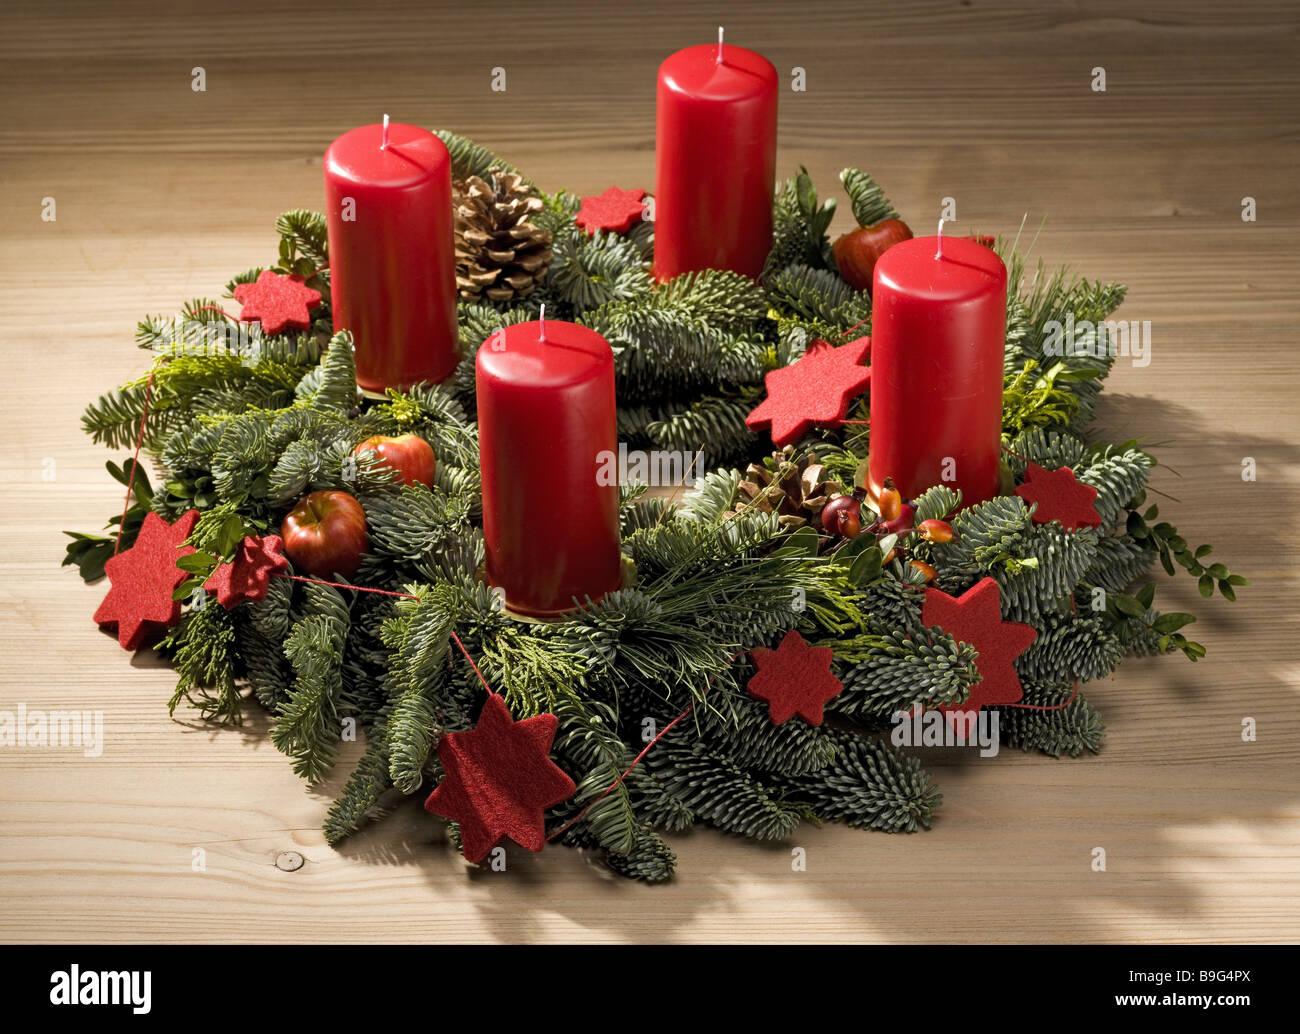 Tabelle adventskranz advent zeit weihnachten zeit zubeh r dekoration ornament weihnachts schmuck - Adventskranz englisch ...